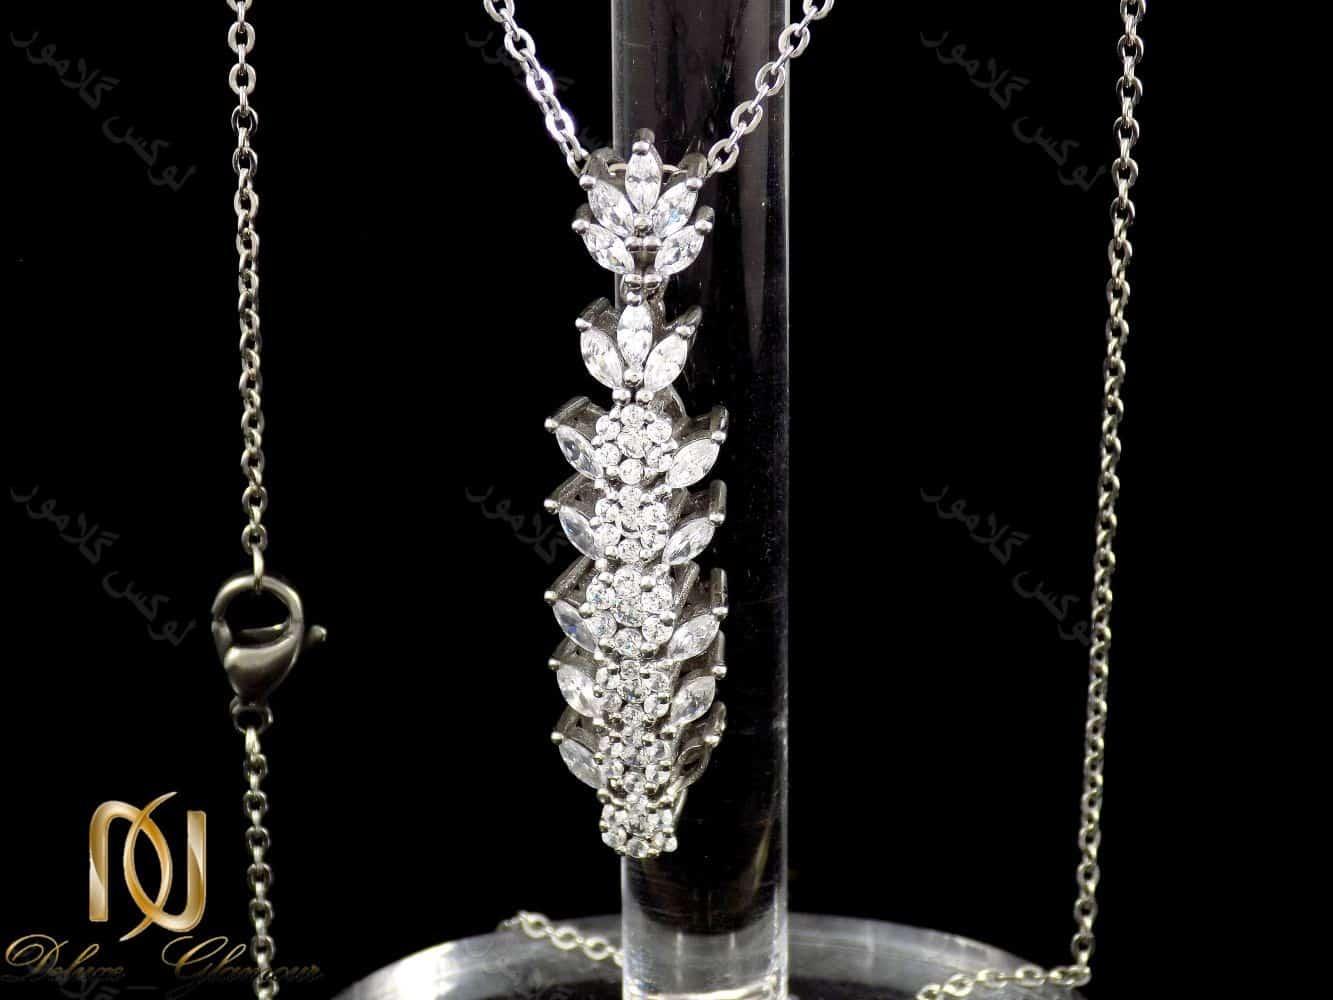 گردنبند نقره دخترانه با نگین های کریستالی سفید از نوع زیرکونیا nw-n168